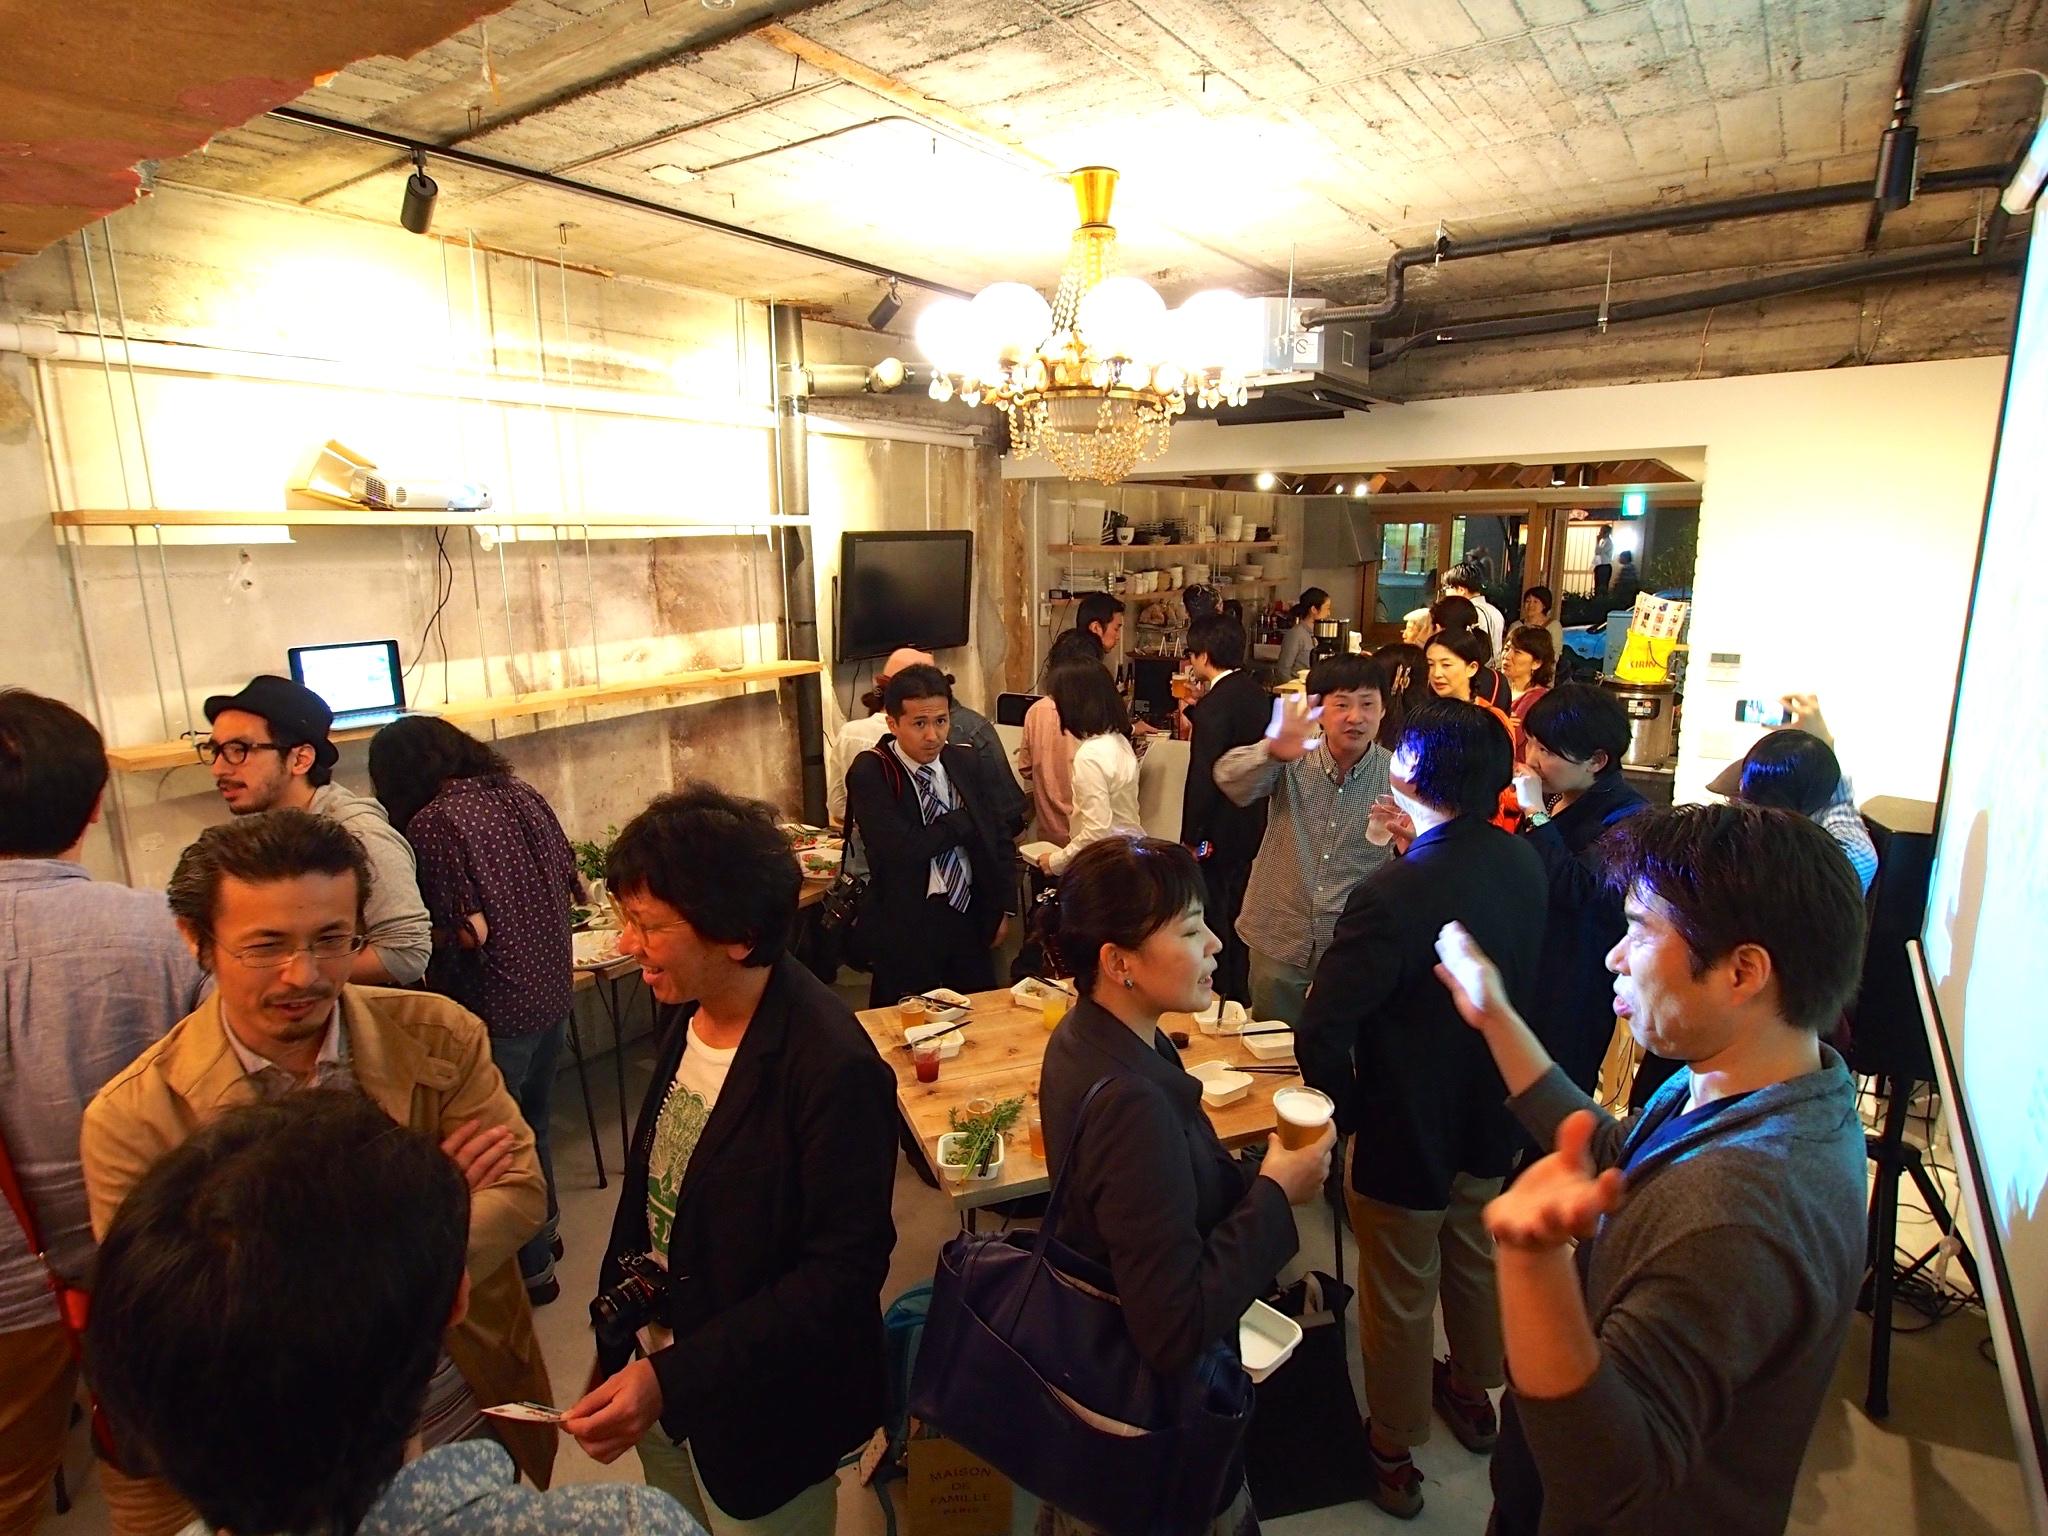 オープニングパーティには150人にも及ぶ来場者が集まった!新しい創造拠点への期待の高さがうかがえます。